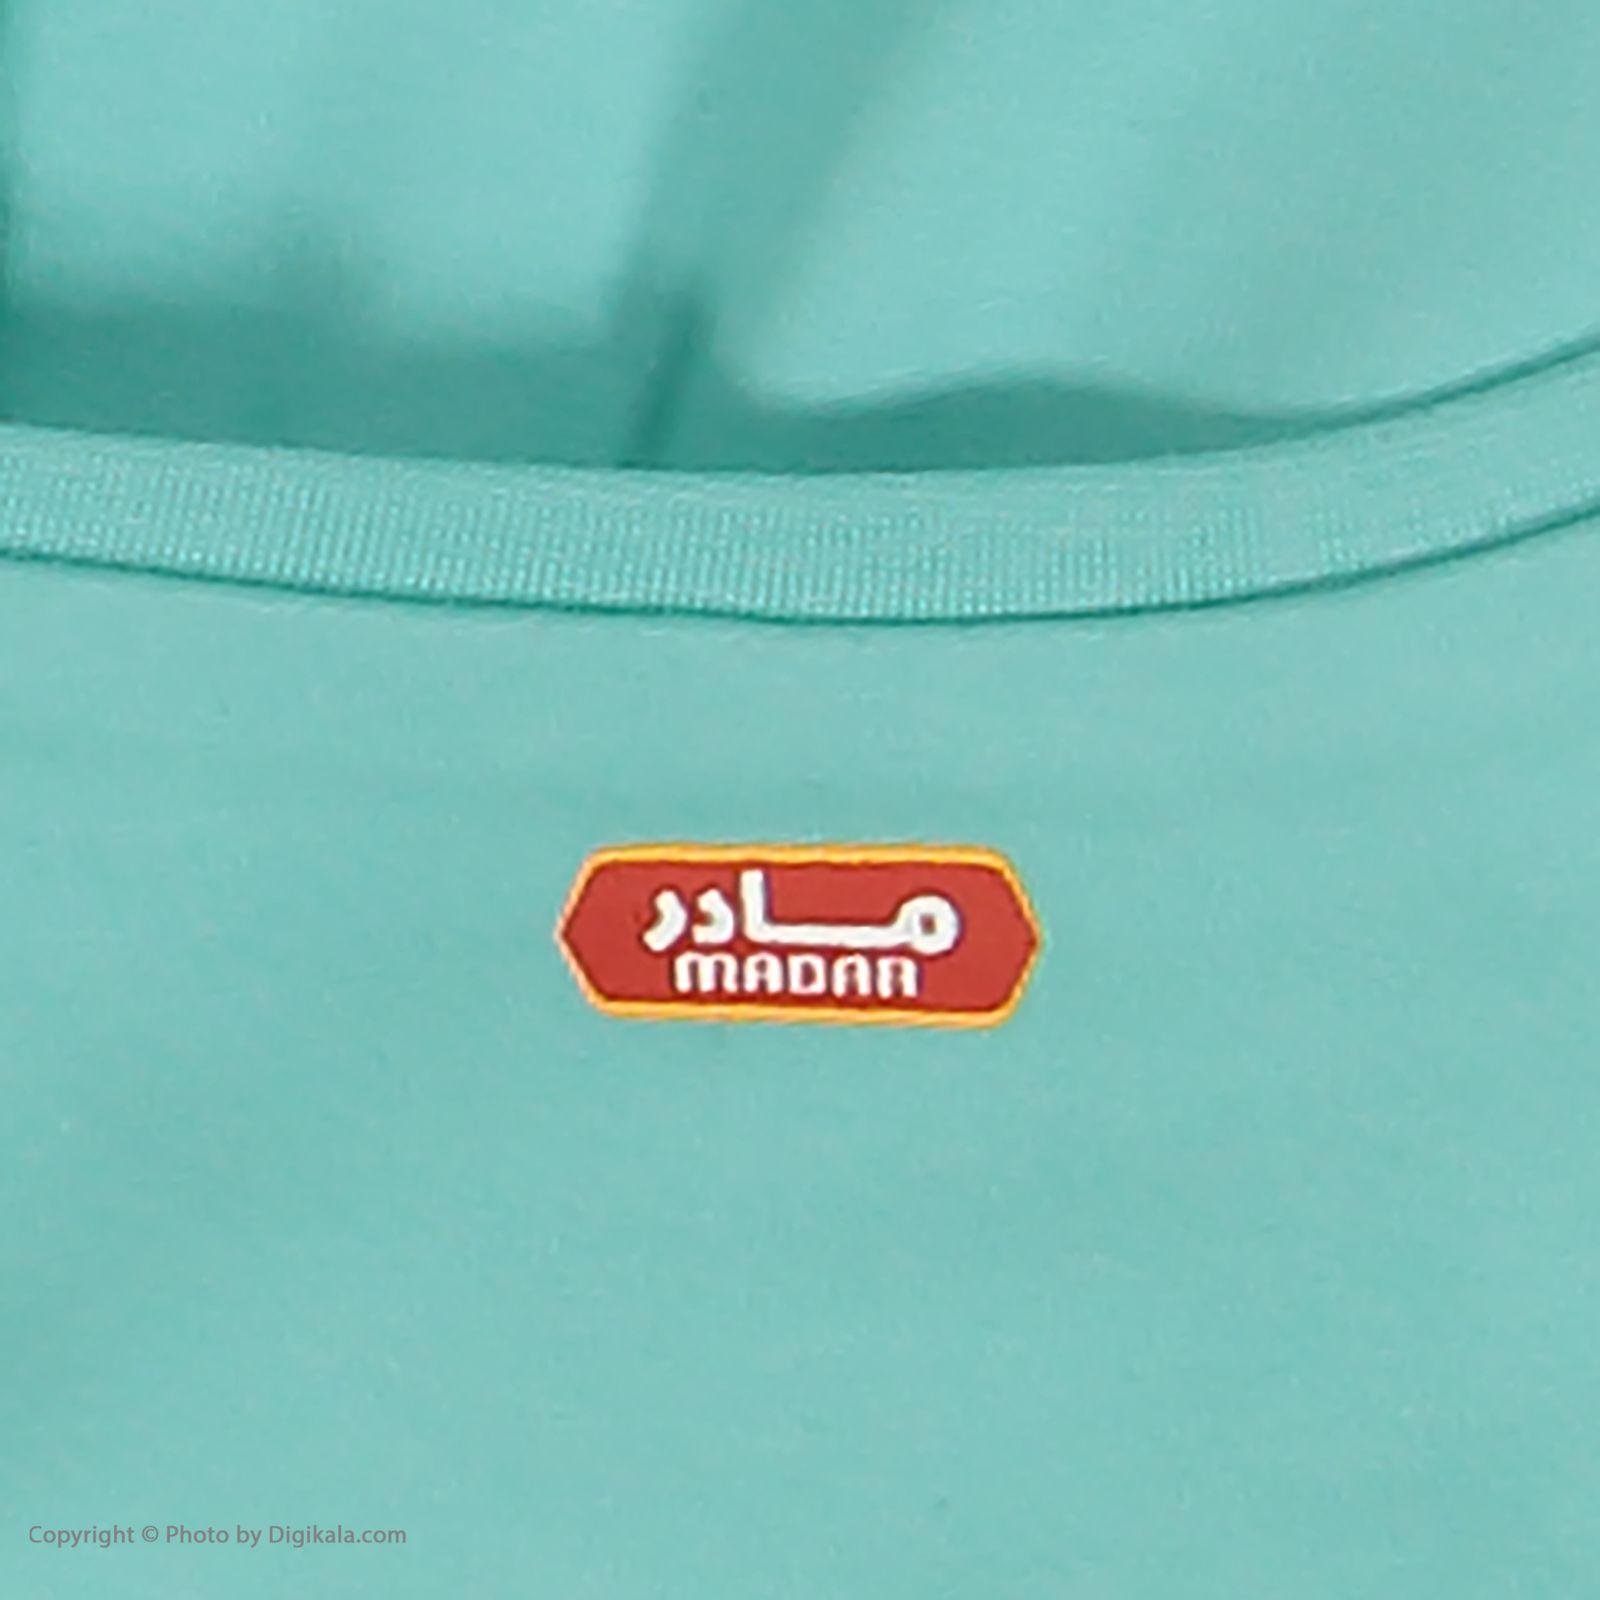 ست تی شرت و شلوار دخترانه مادر مدل 303-54 main 1 6